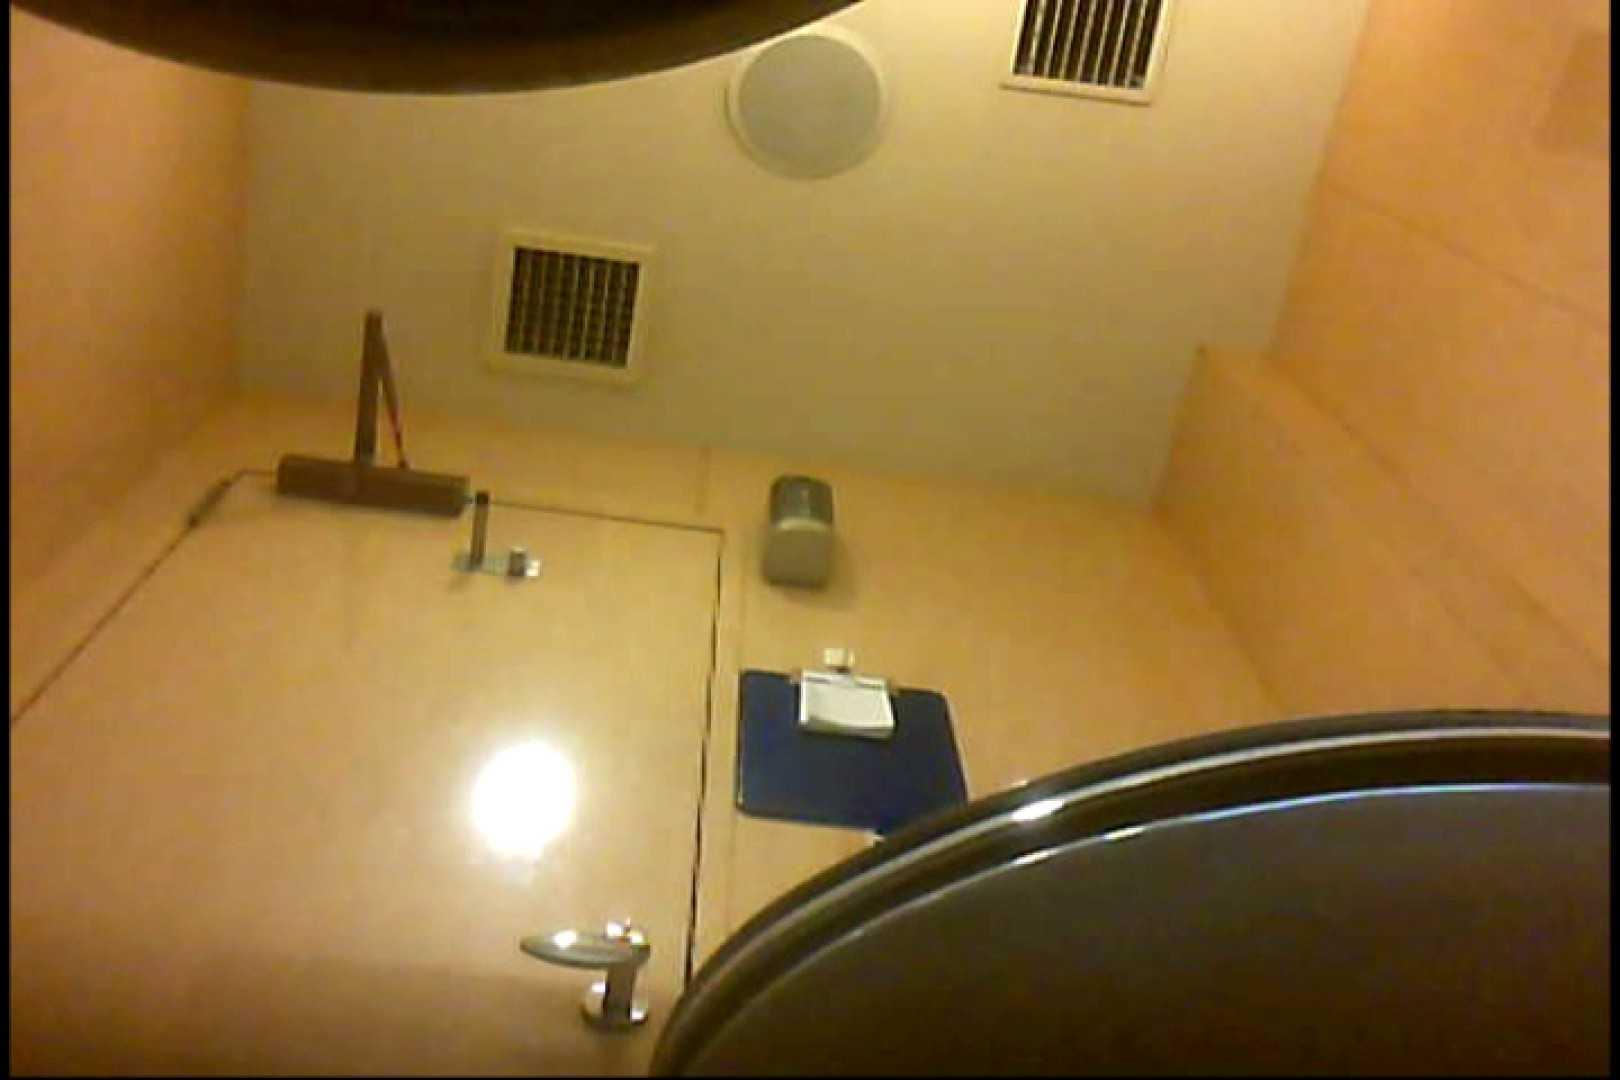 マダムが集まるデパートお手洗い Vol.04 お手洗い オマンコ無修正動画無料 91PIX 32